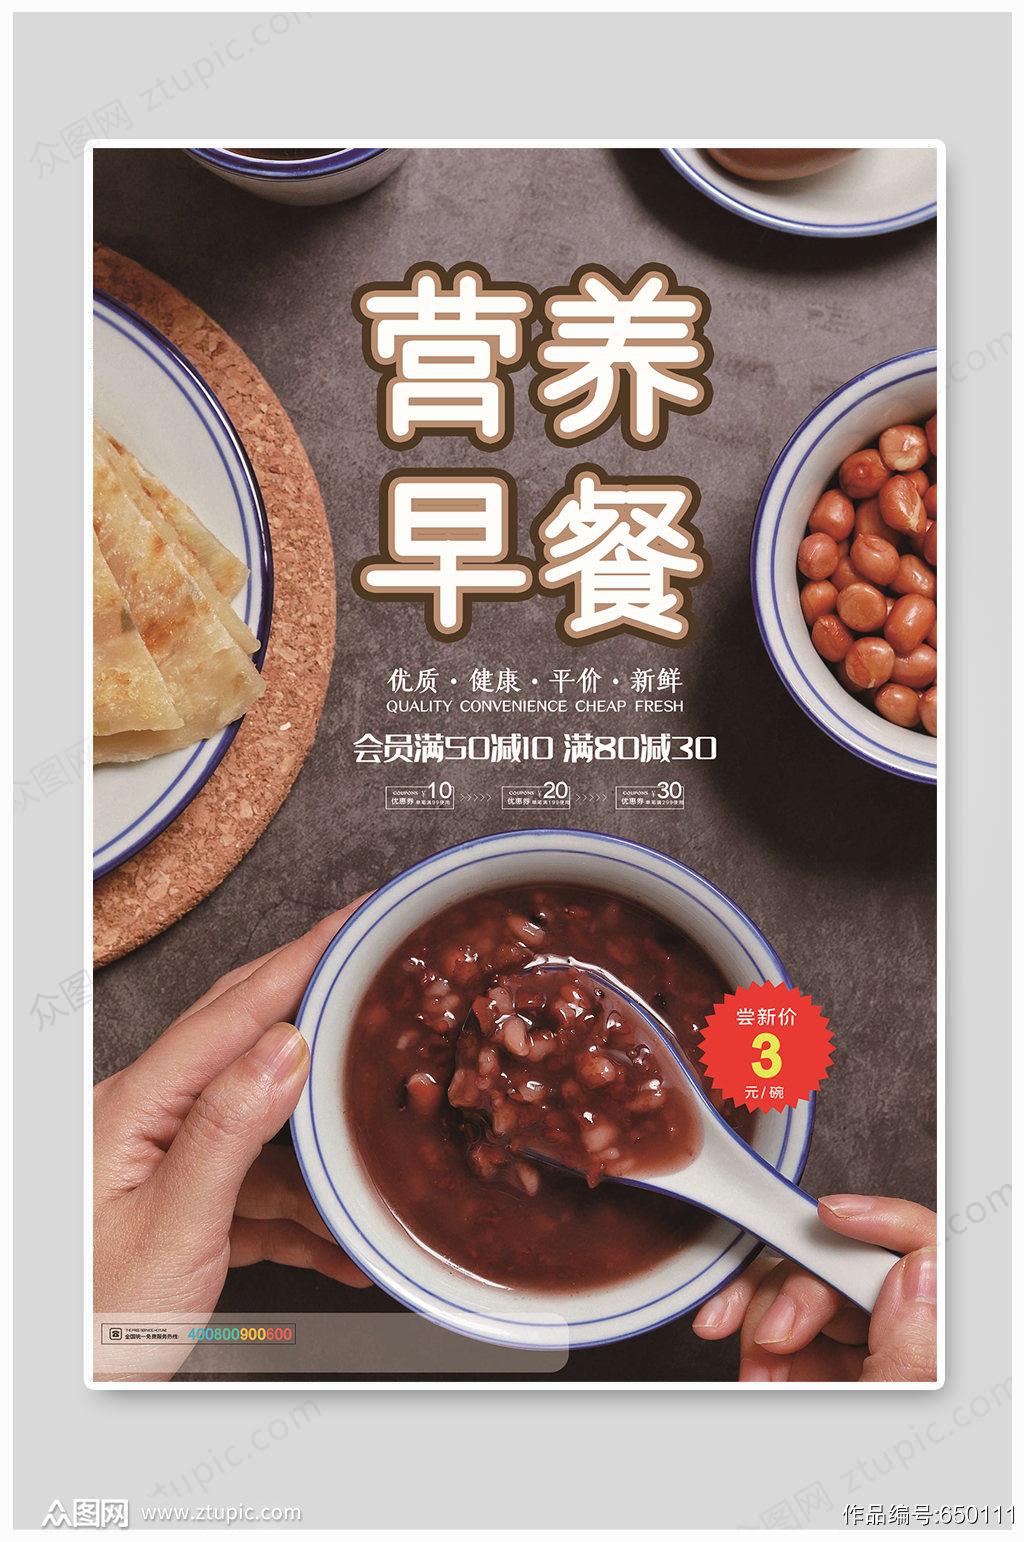 营养早餐健康海报素材